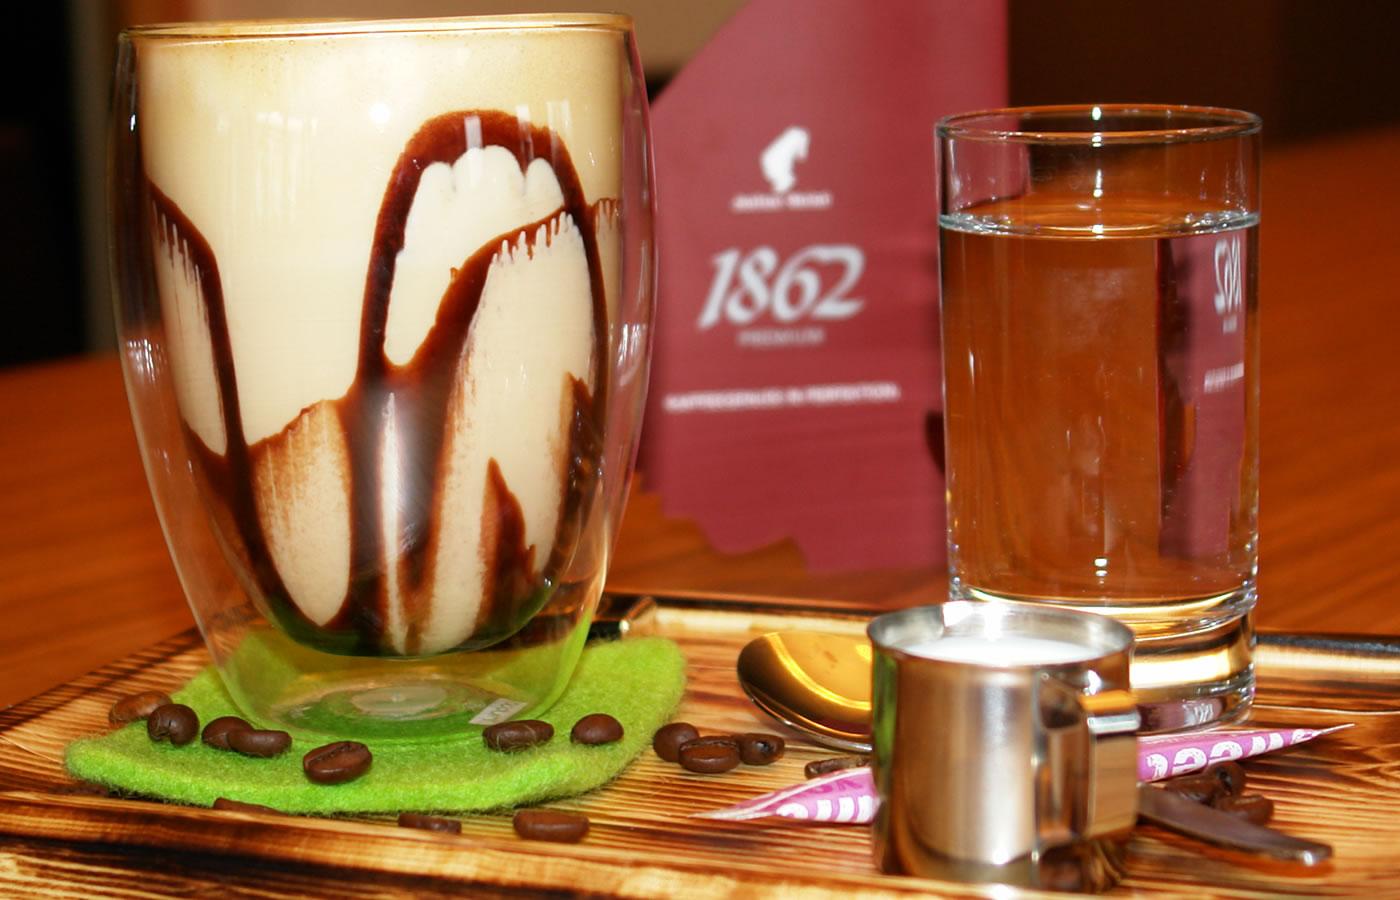 Leckere Kaffeespezialitäten für die Ihren Sommer-Urlaub in Fiss, Tirol.